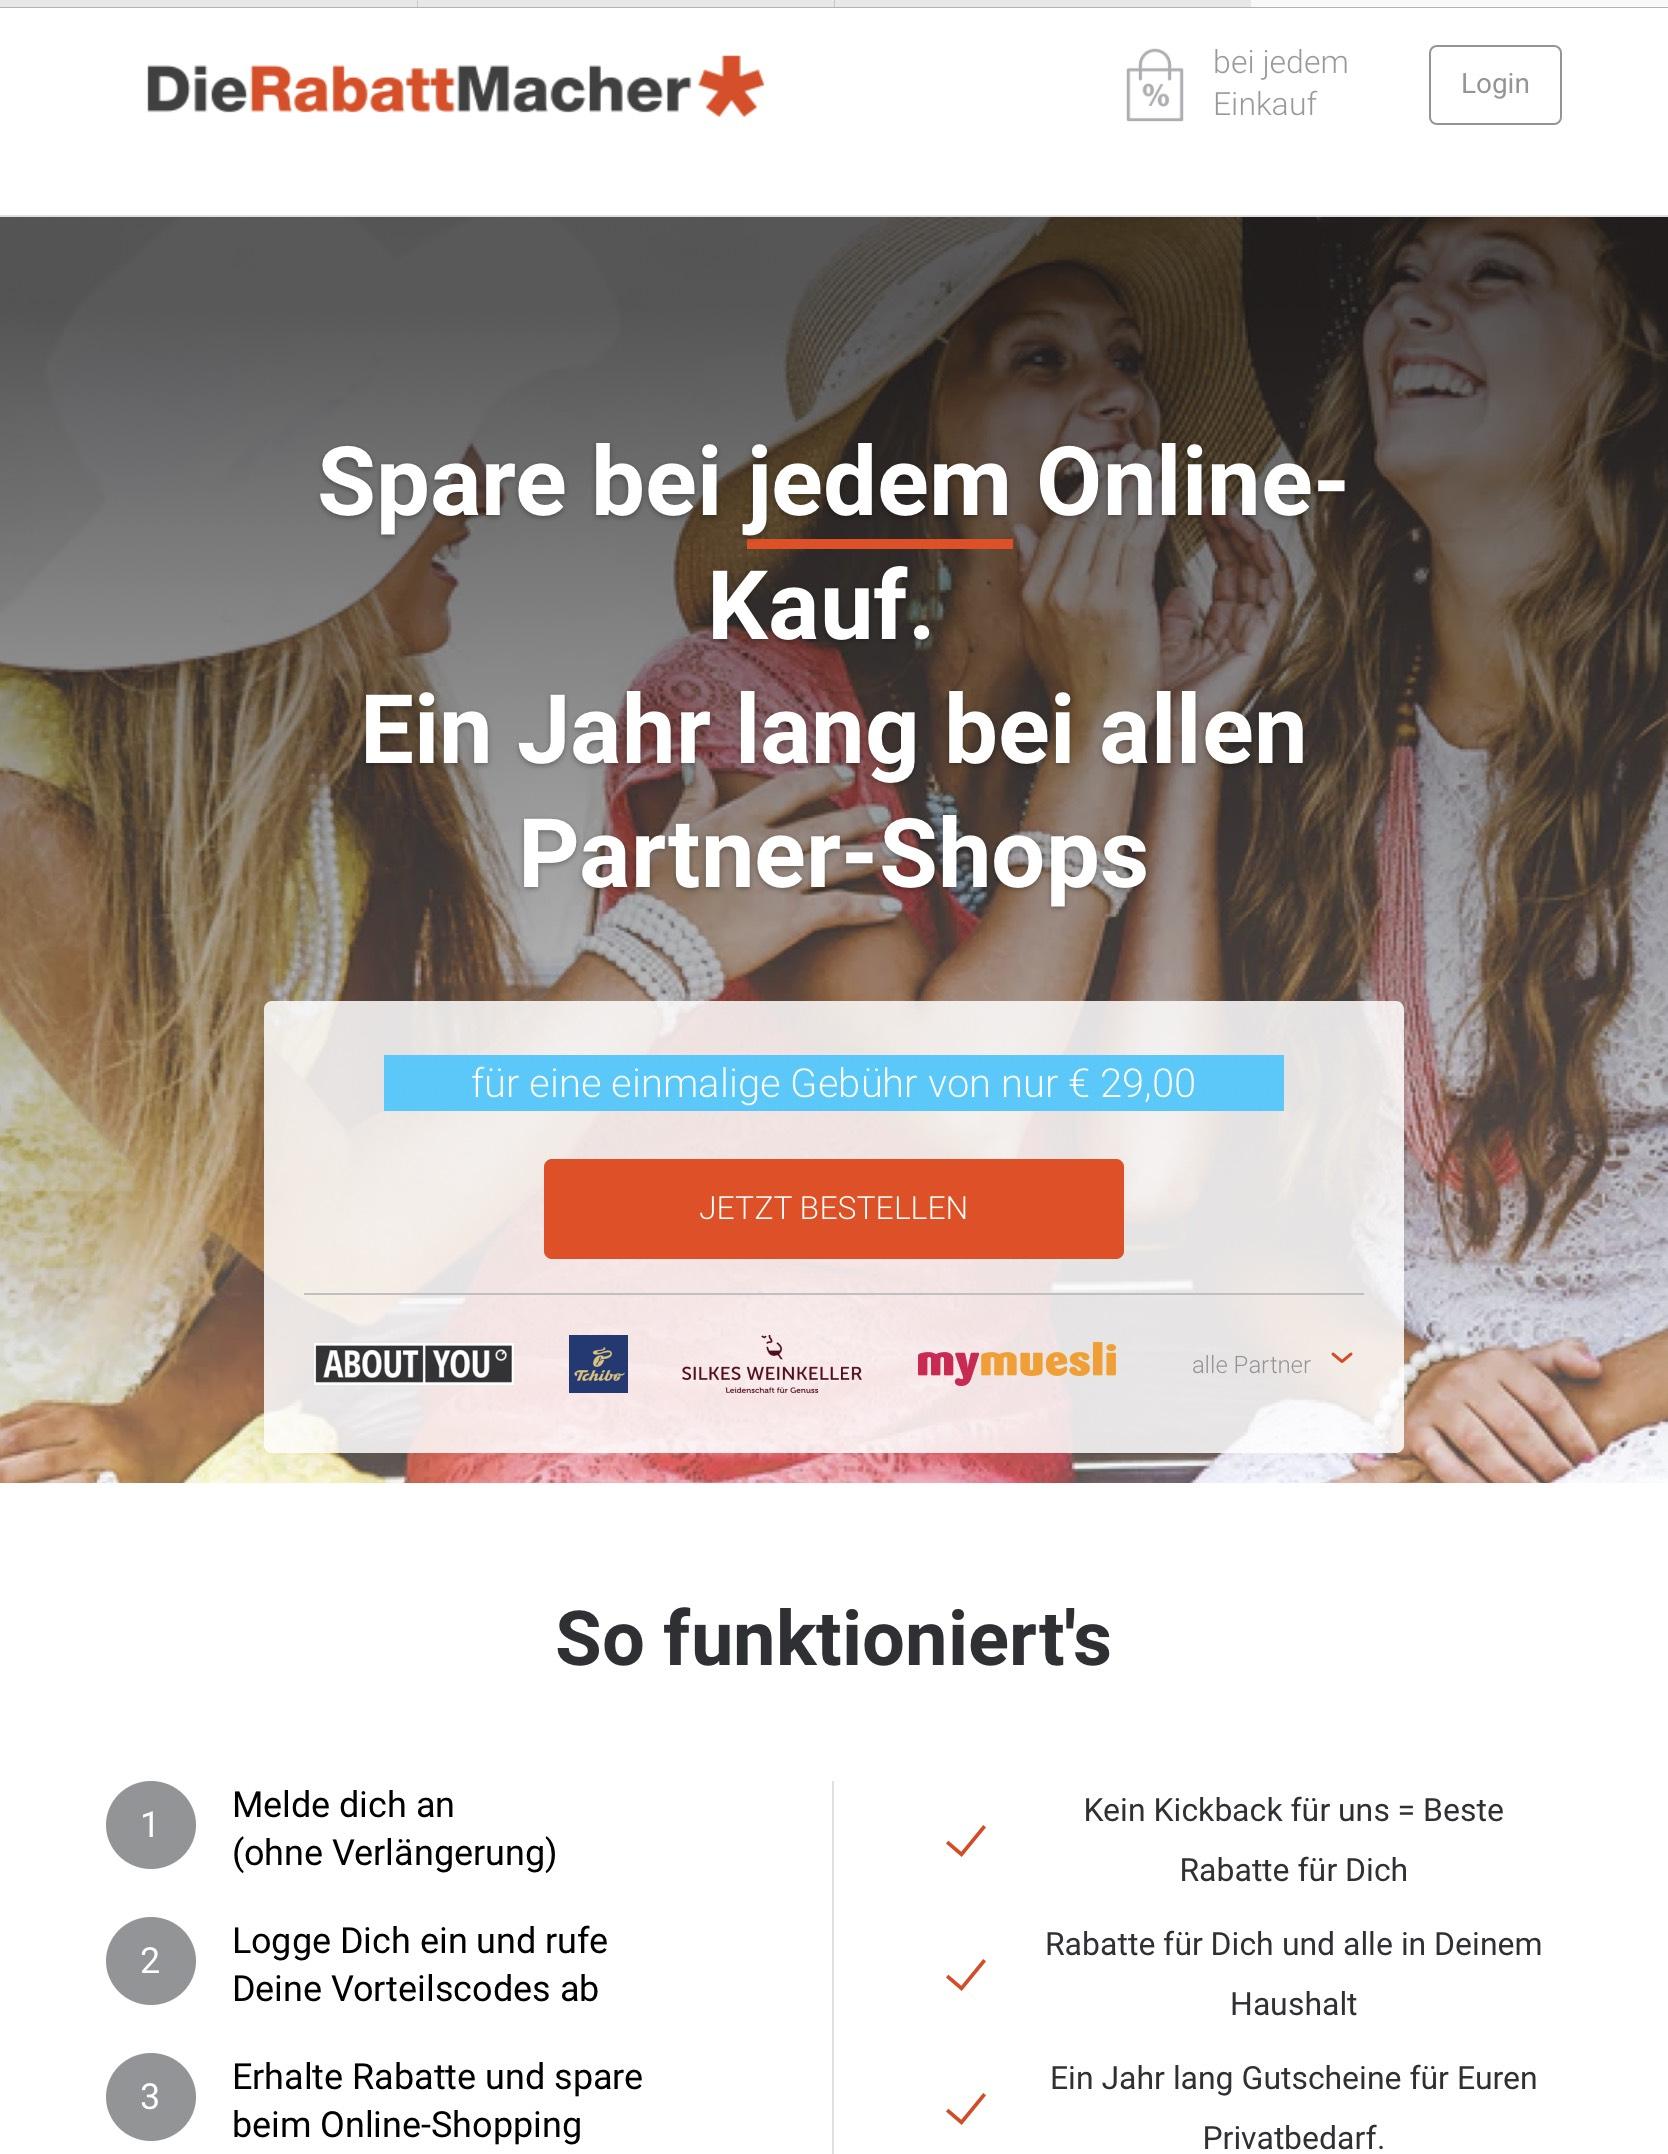 Gutschein-Portal Die-Rabatt-Macher - exklusive Gutscheincodes (einmalig 2,90€)